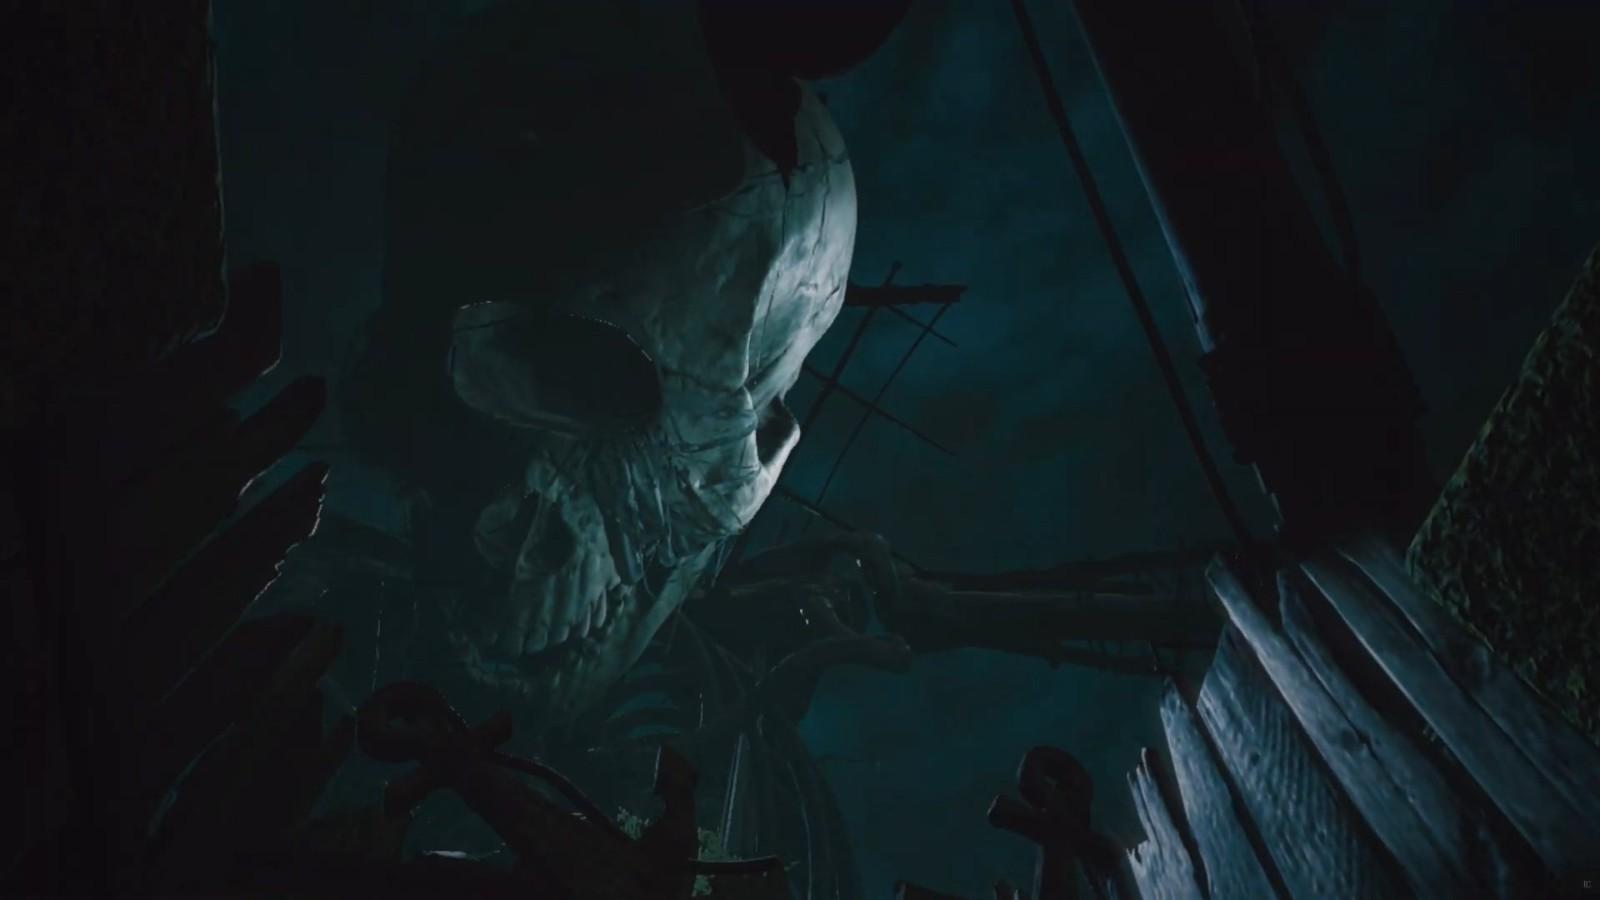 《层层恐惧2》5月20日登陆Switch 感受手心的恐惧